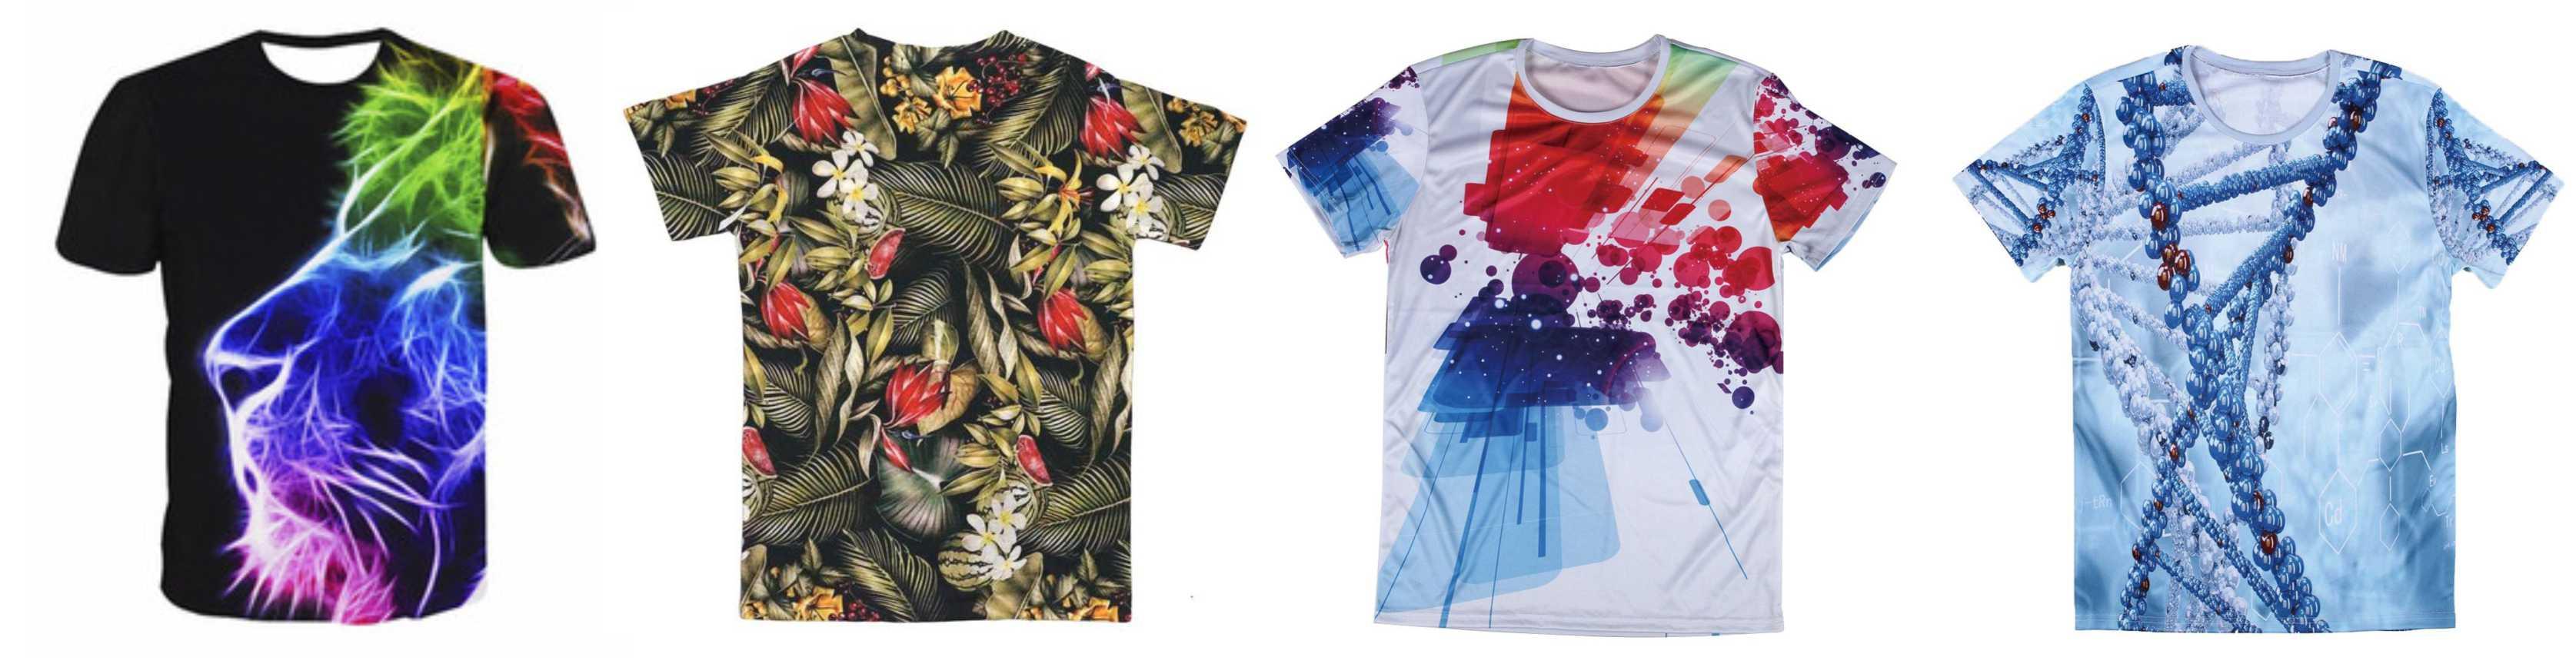 Reactive Printing - T-shirts